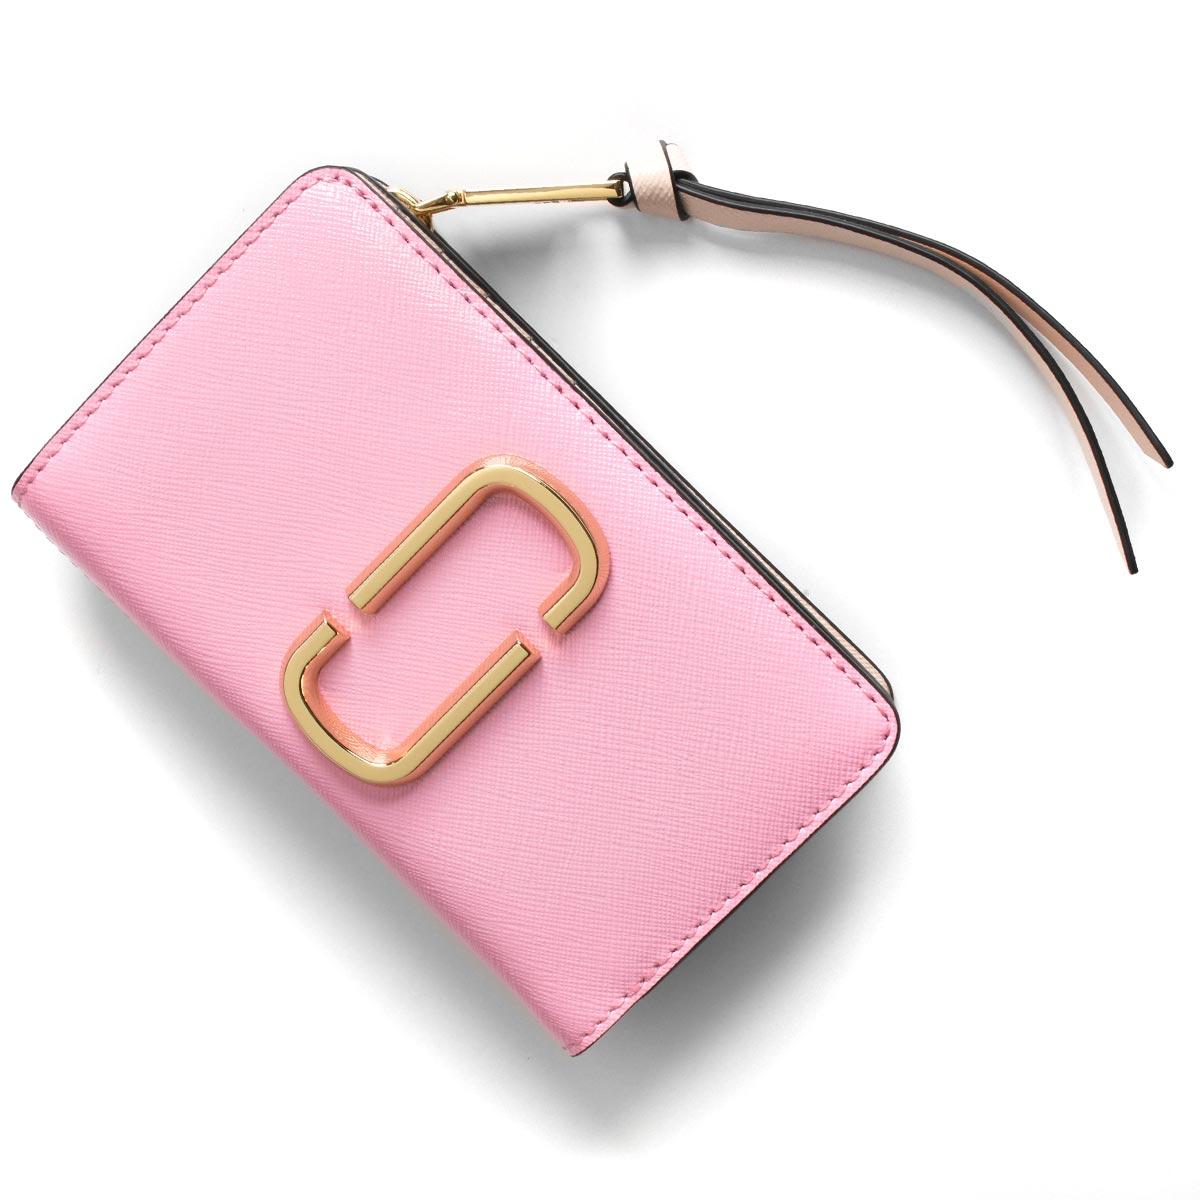 マークジェイコブス 二つ折り財布 財布 レディース スナップショット パウダーピンクマルチ M0013356 680 2020年春夏新作 MARC JACOBS